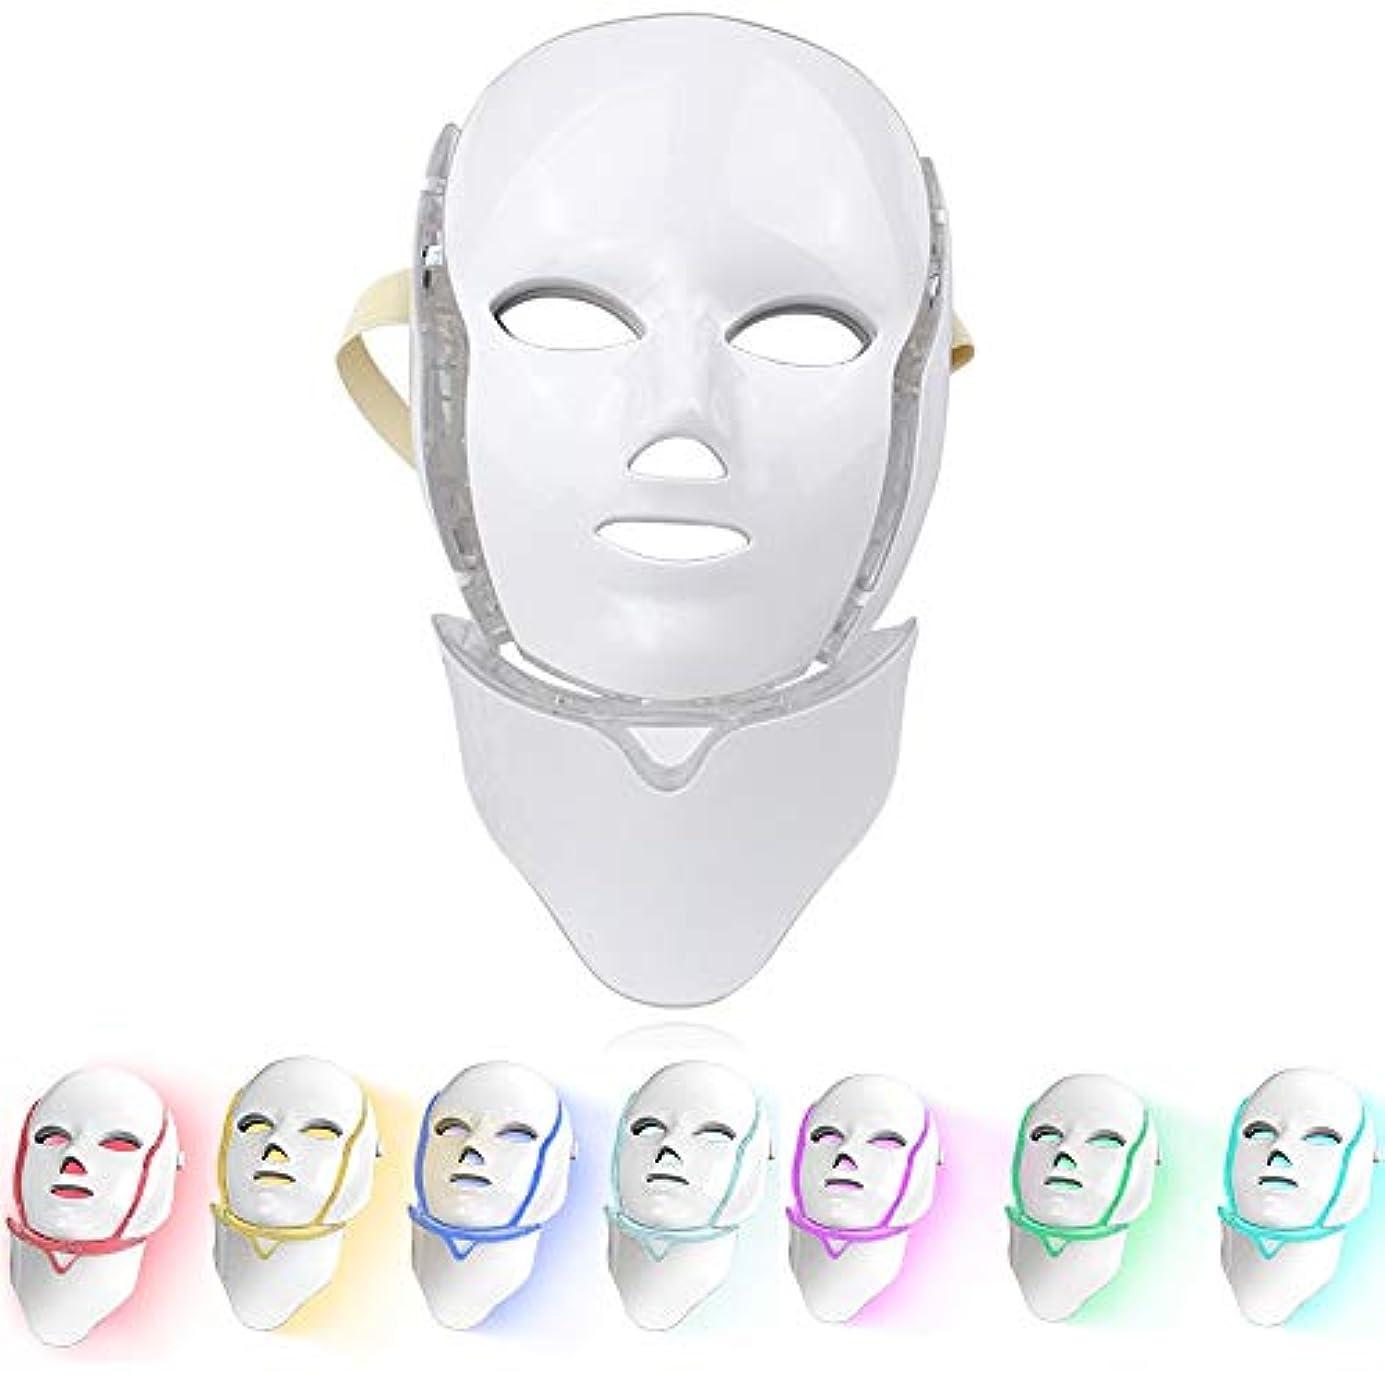 たるみ分大通り7色LED顔面美容スキンケアの若返りシワ除去女性のためのアンチエイジング電気デバイス